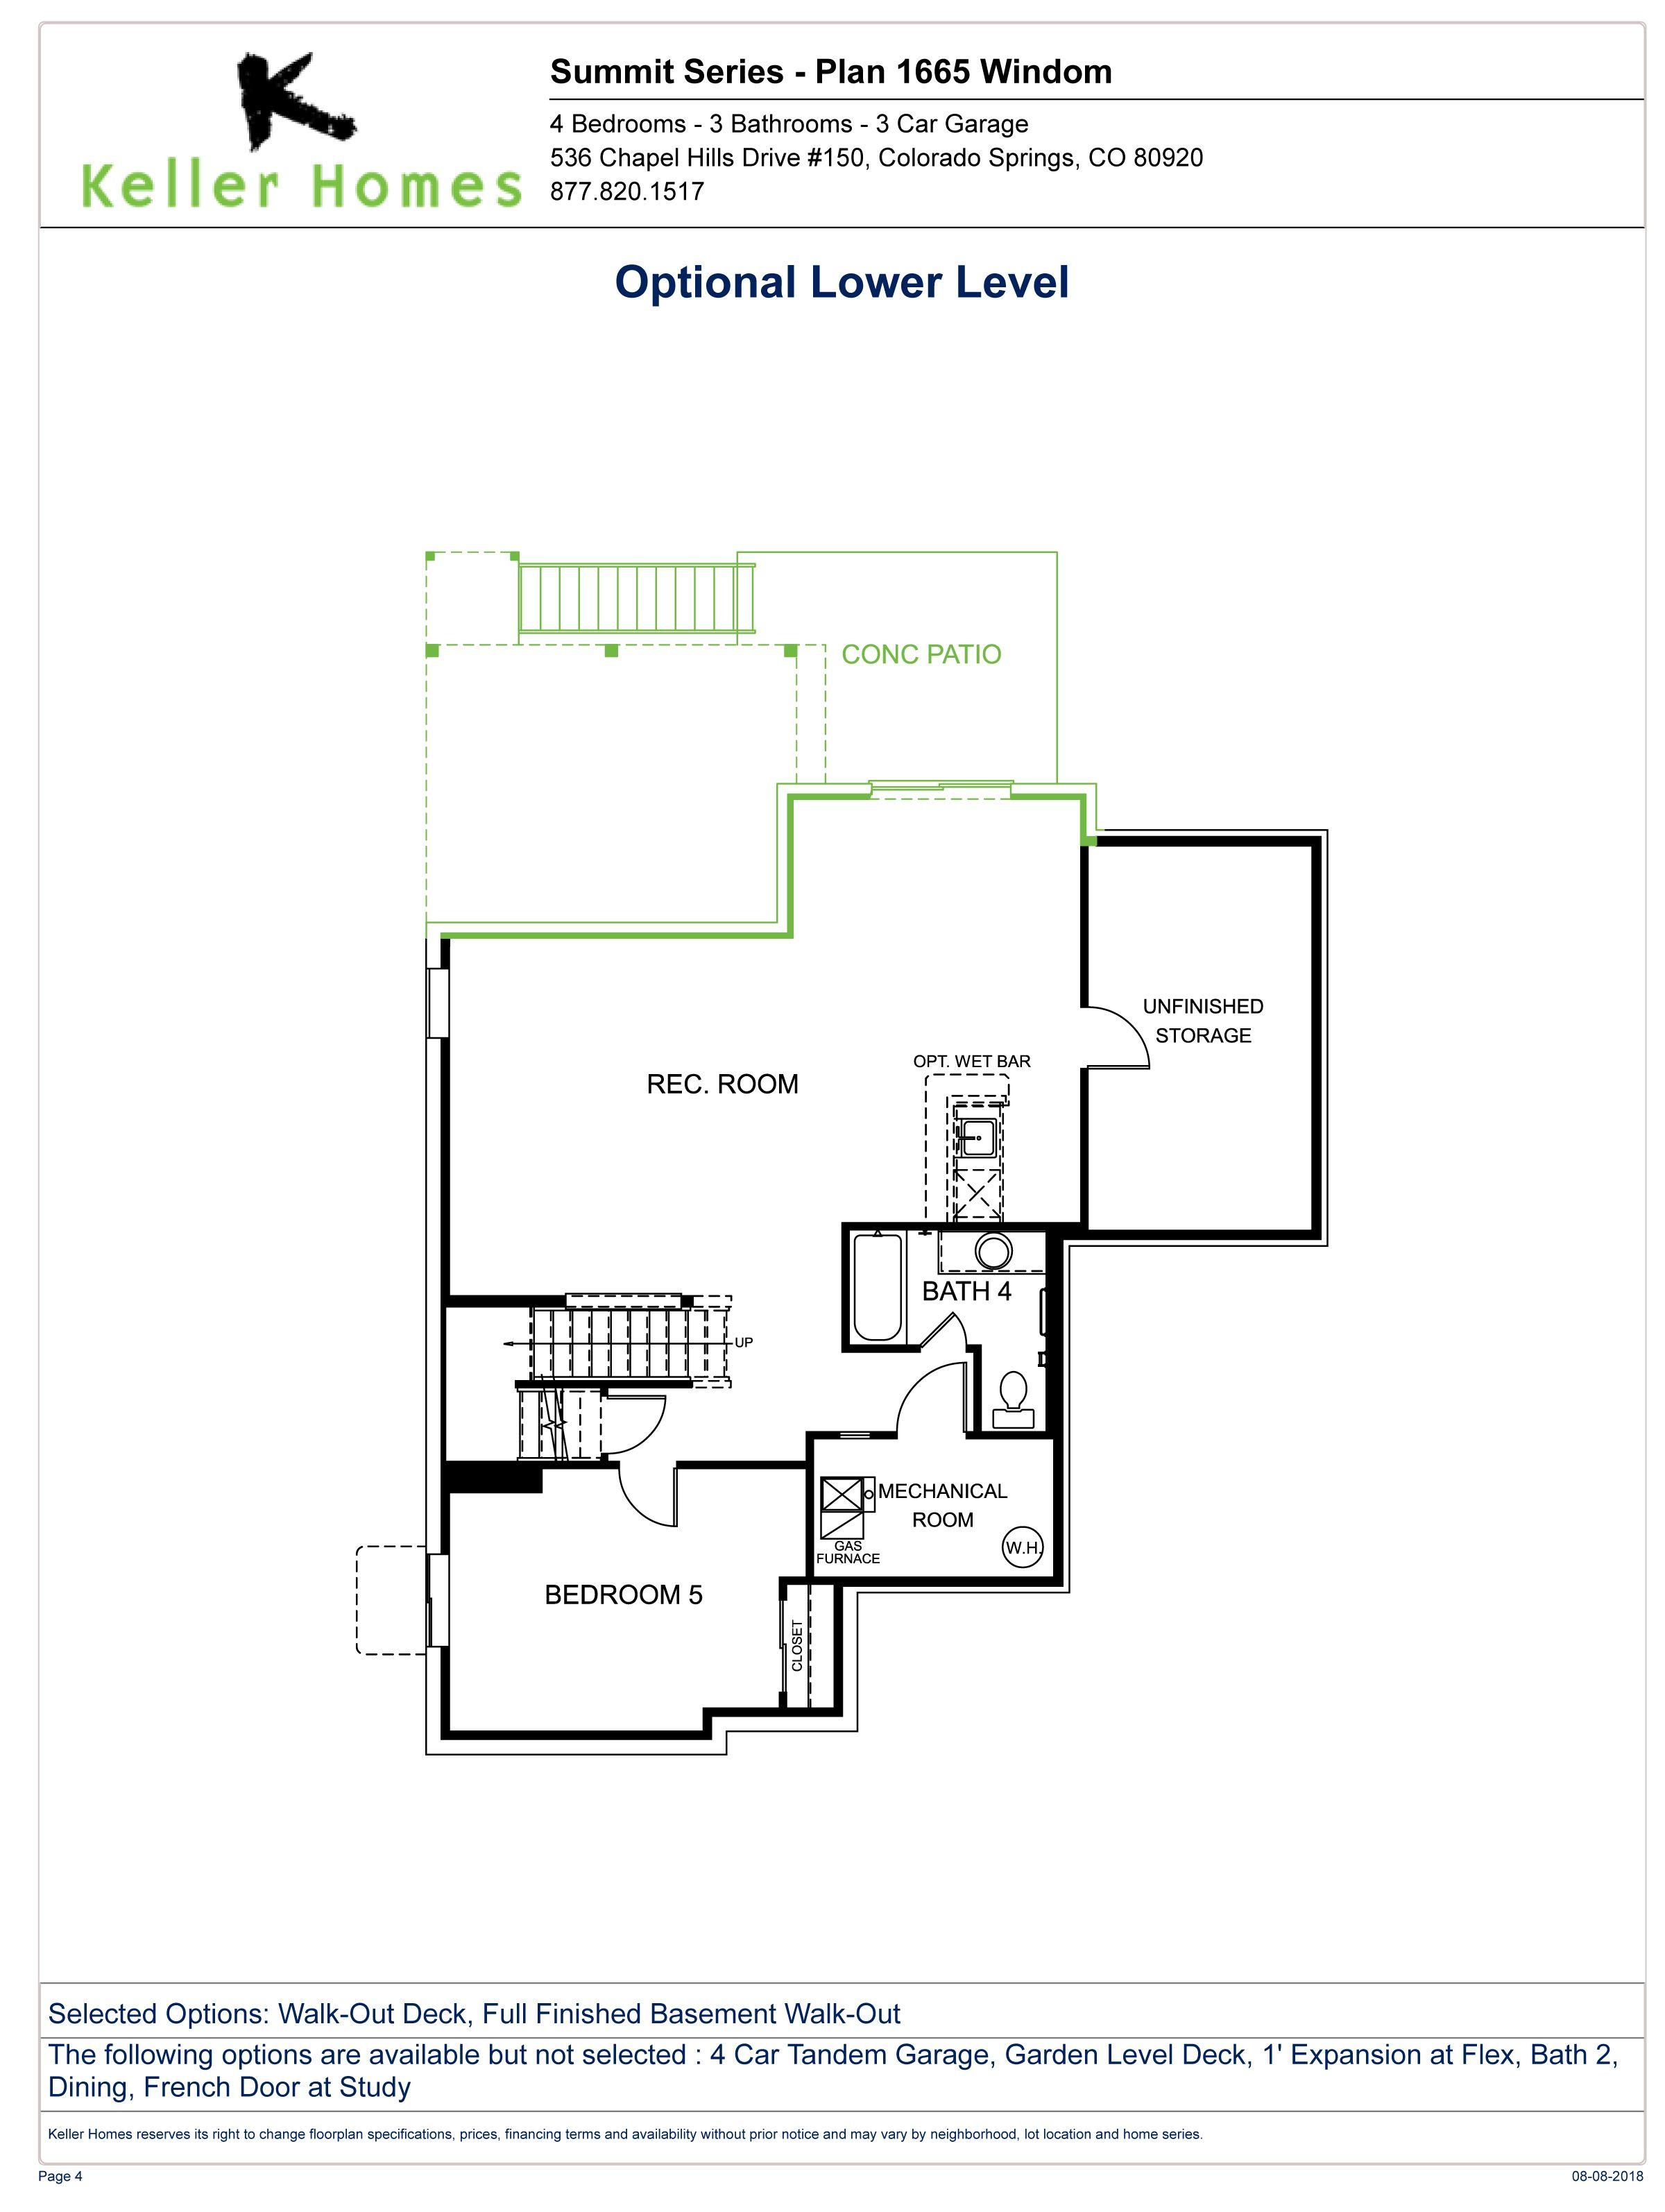 Windom Floorplan In 2020 Floor Plans Windom Two Story Homes